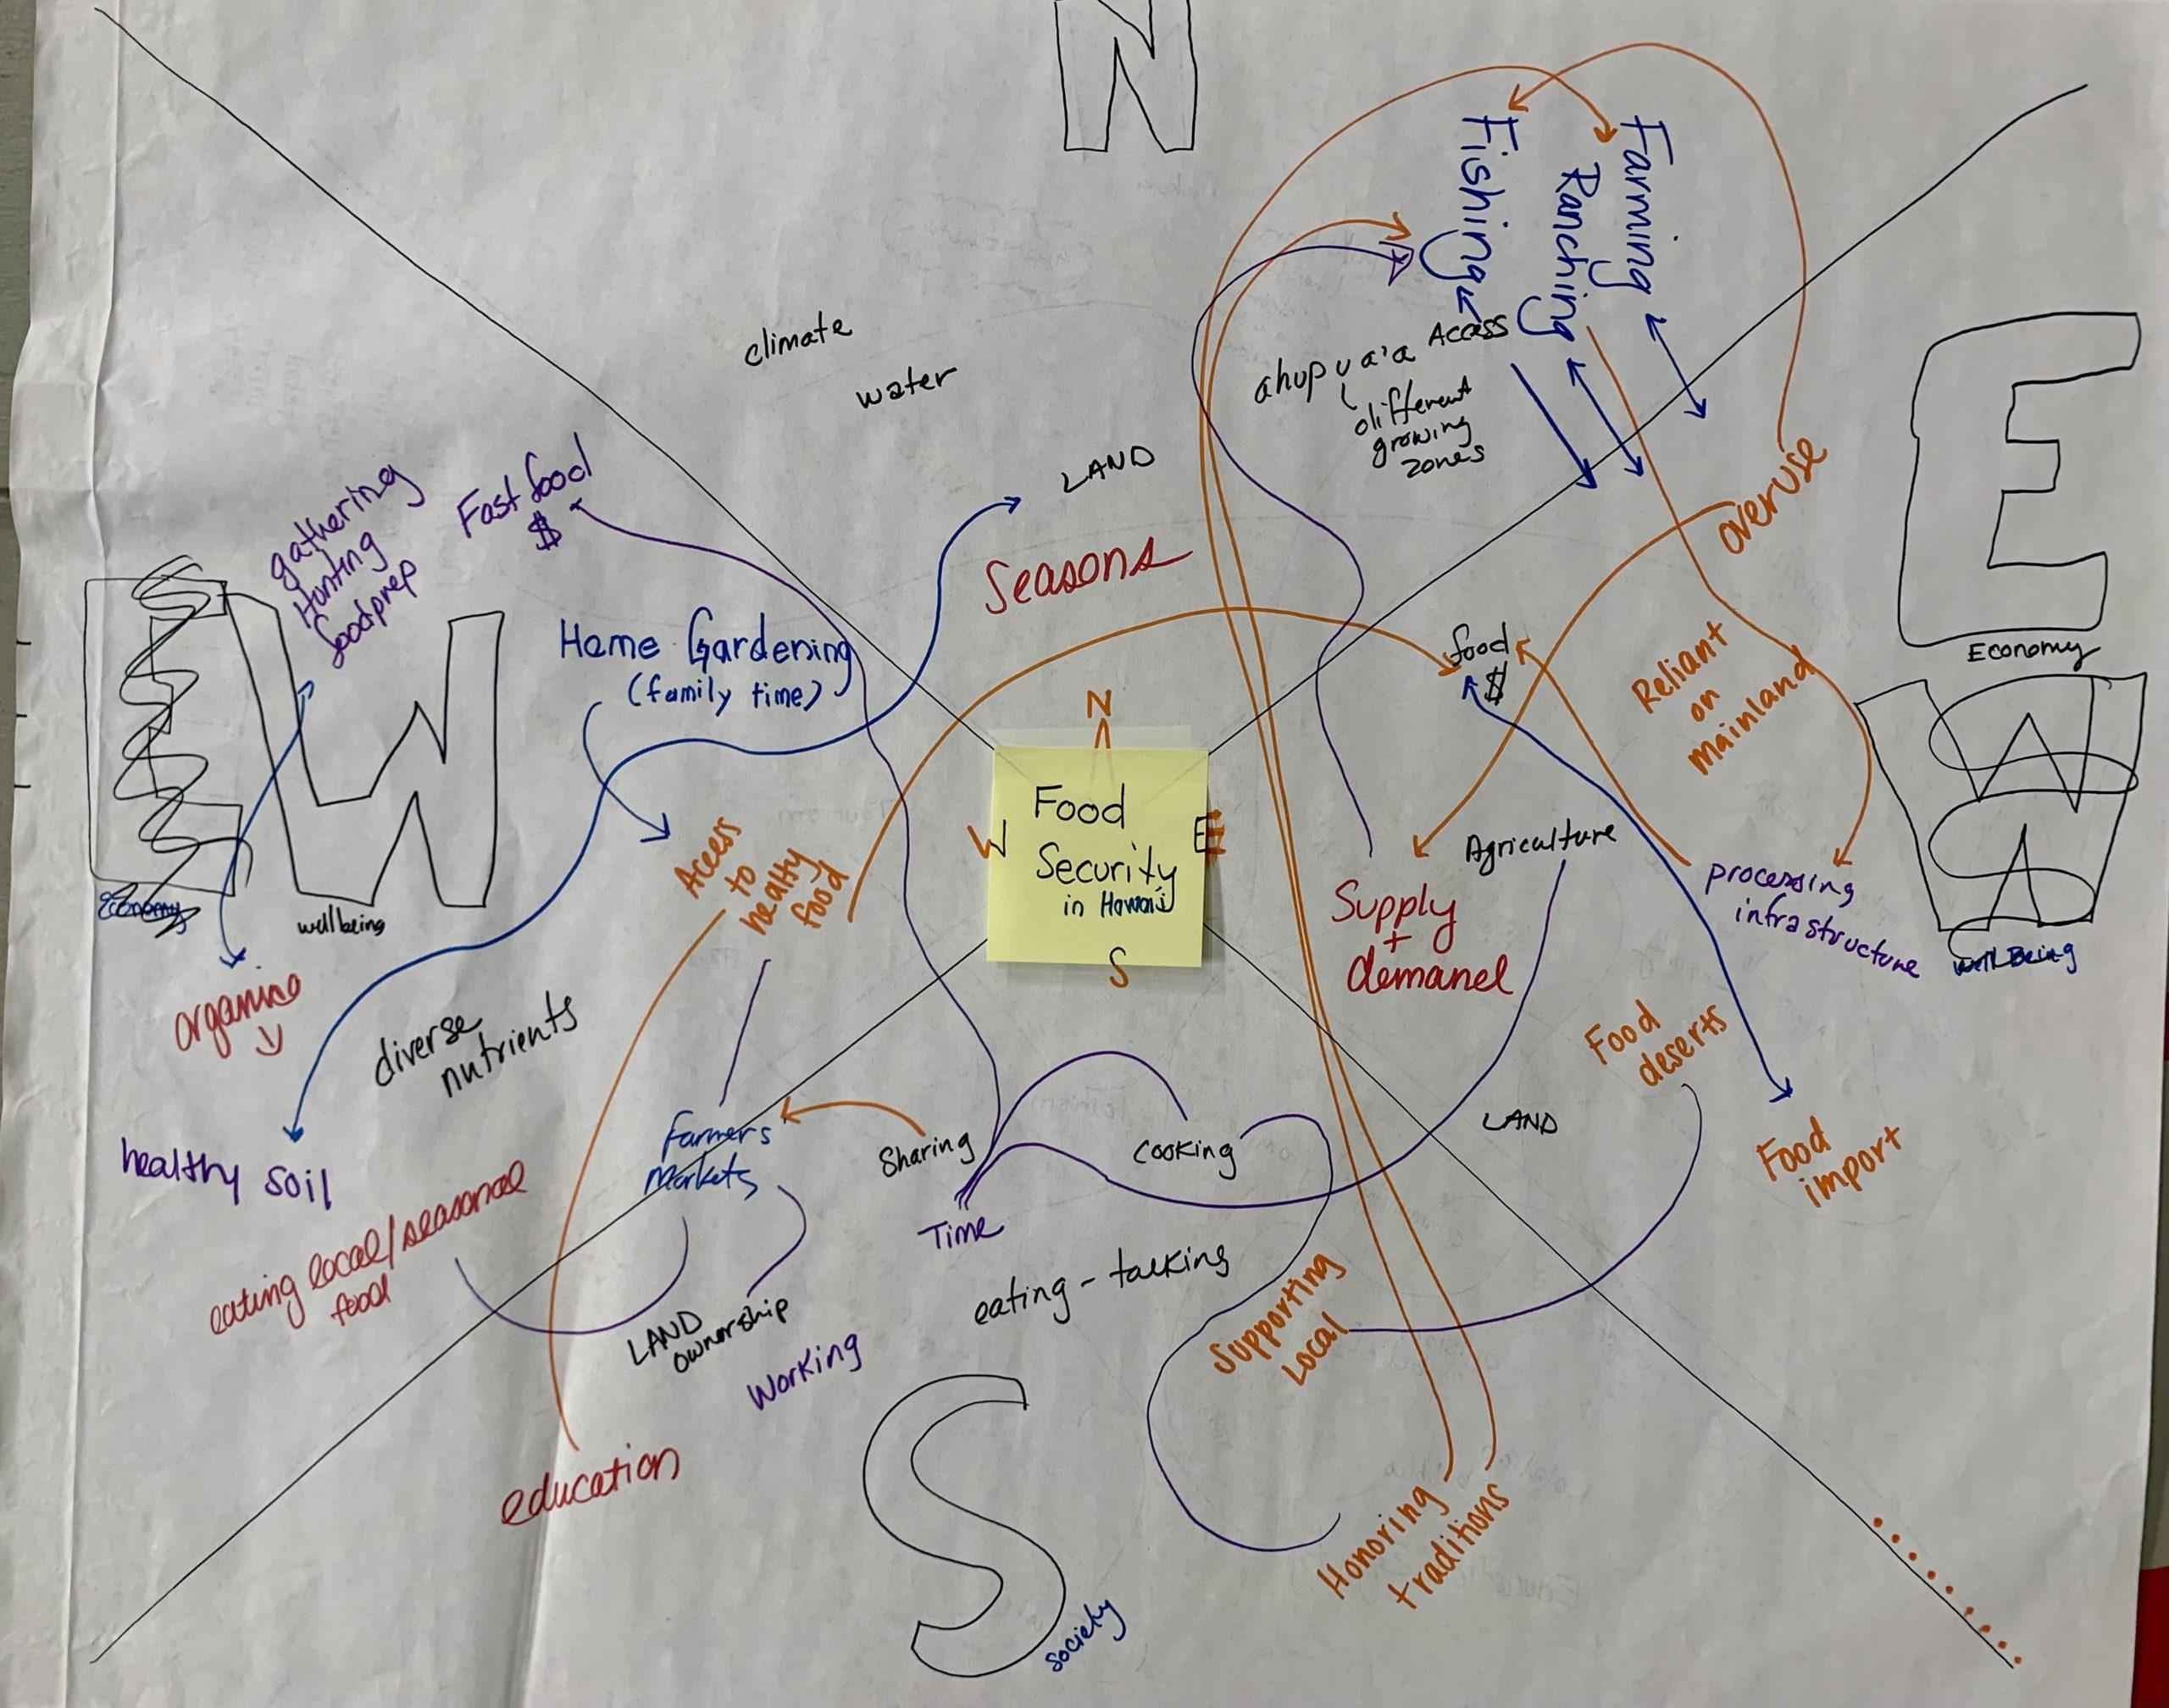 food security hi compass (2)